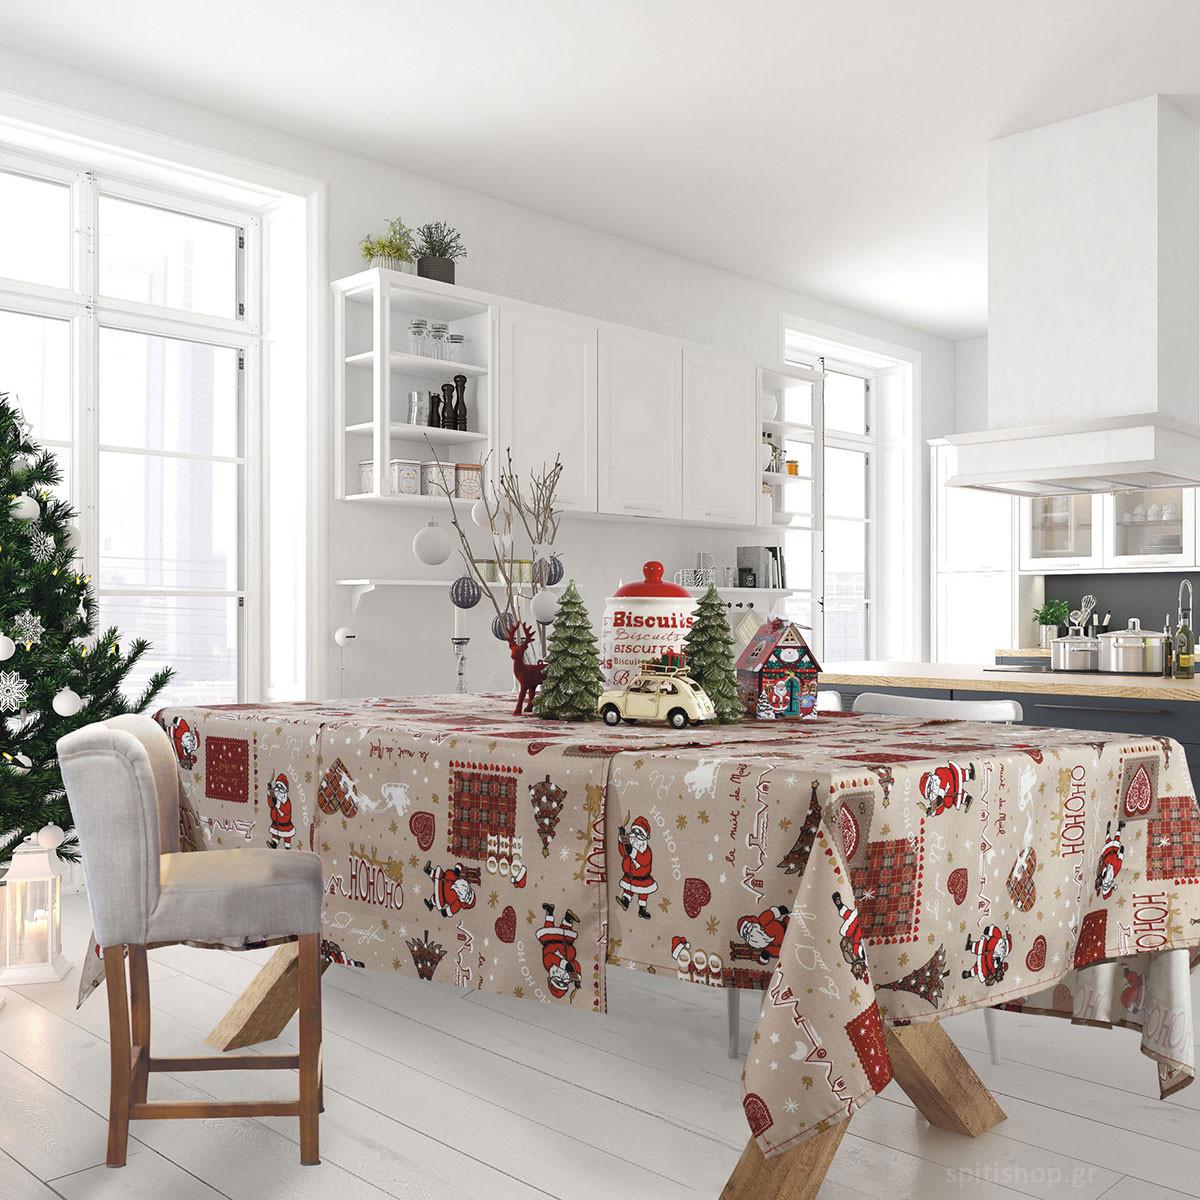 Χριστουγεννιάτικη Τραβέρσα Das Home Xmas 570 home   χριστουγεννιάτικα   χριστουγεννιάτικες τραβέρσες